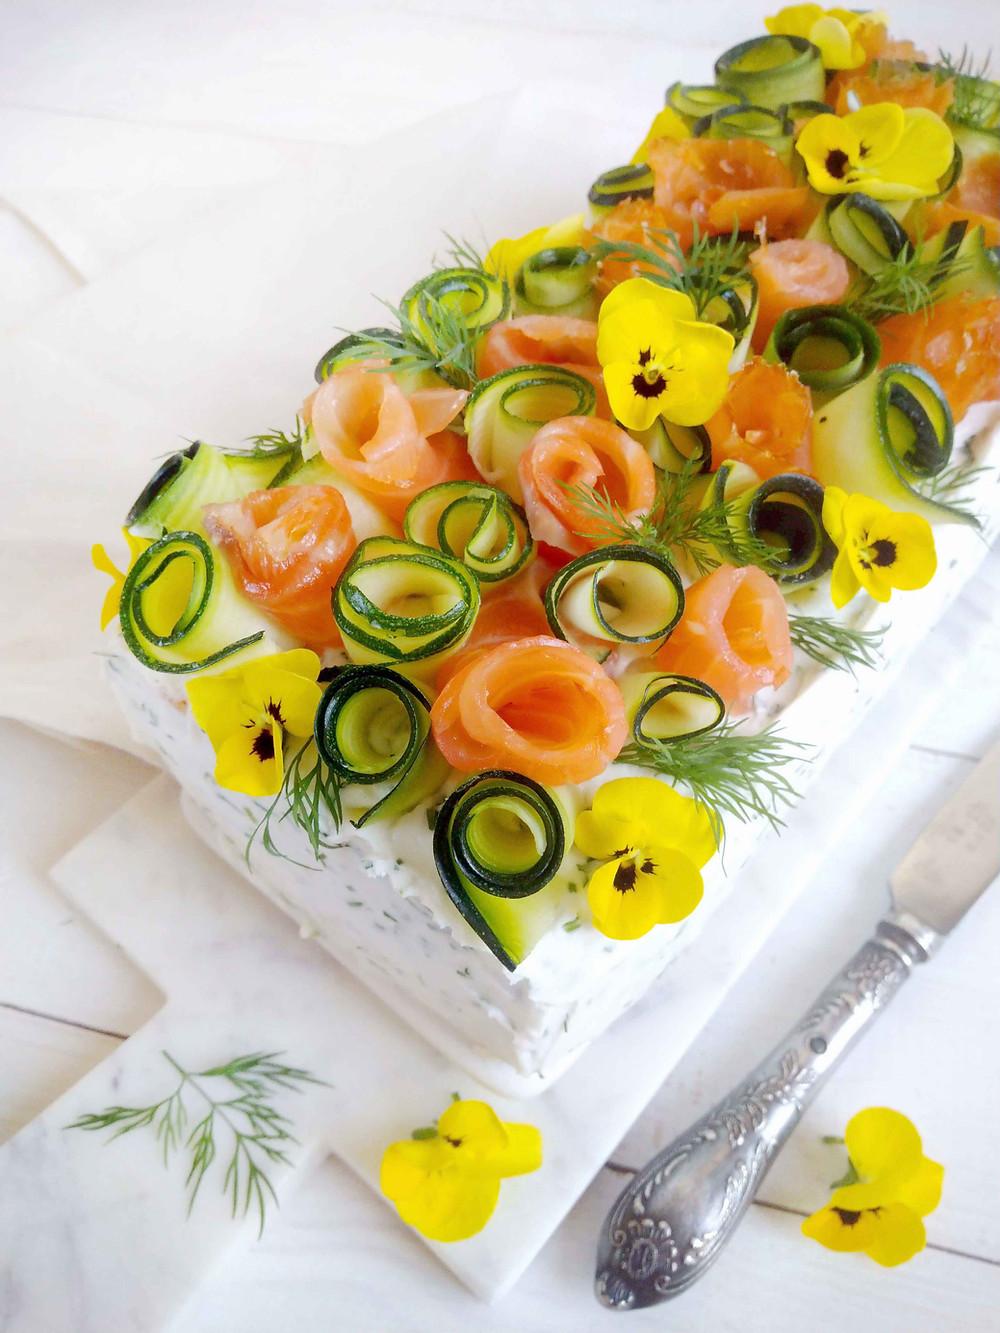 Juhlavan lohivoileipäkakun koristelu kylmäsavulohella, kesäkurpitsalla, yrteillä ja syötävillä kukilla. Kaunis kukka sopii kakun koristeeksi. Hyvä lohitäyte ja kasvipohjainen tuorejuusto. Herkullinen lohikakku. Lämminsavulohi, graavilohi ja kylmäsavulohi resepti. Terveellinen lohi. Kaunis voileipäkakku. Maidoton ja gluteeniton juhlava voileipäkakku. Lohi koristelu. Lohivoileipäkakku 9 hengelle.